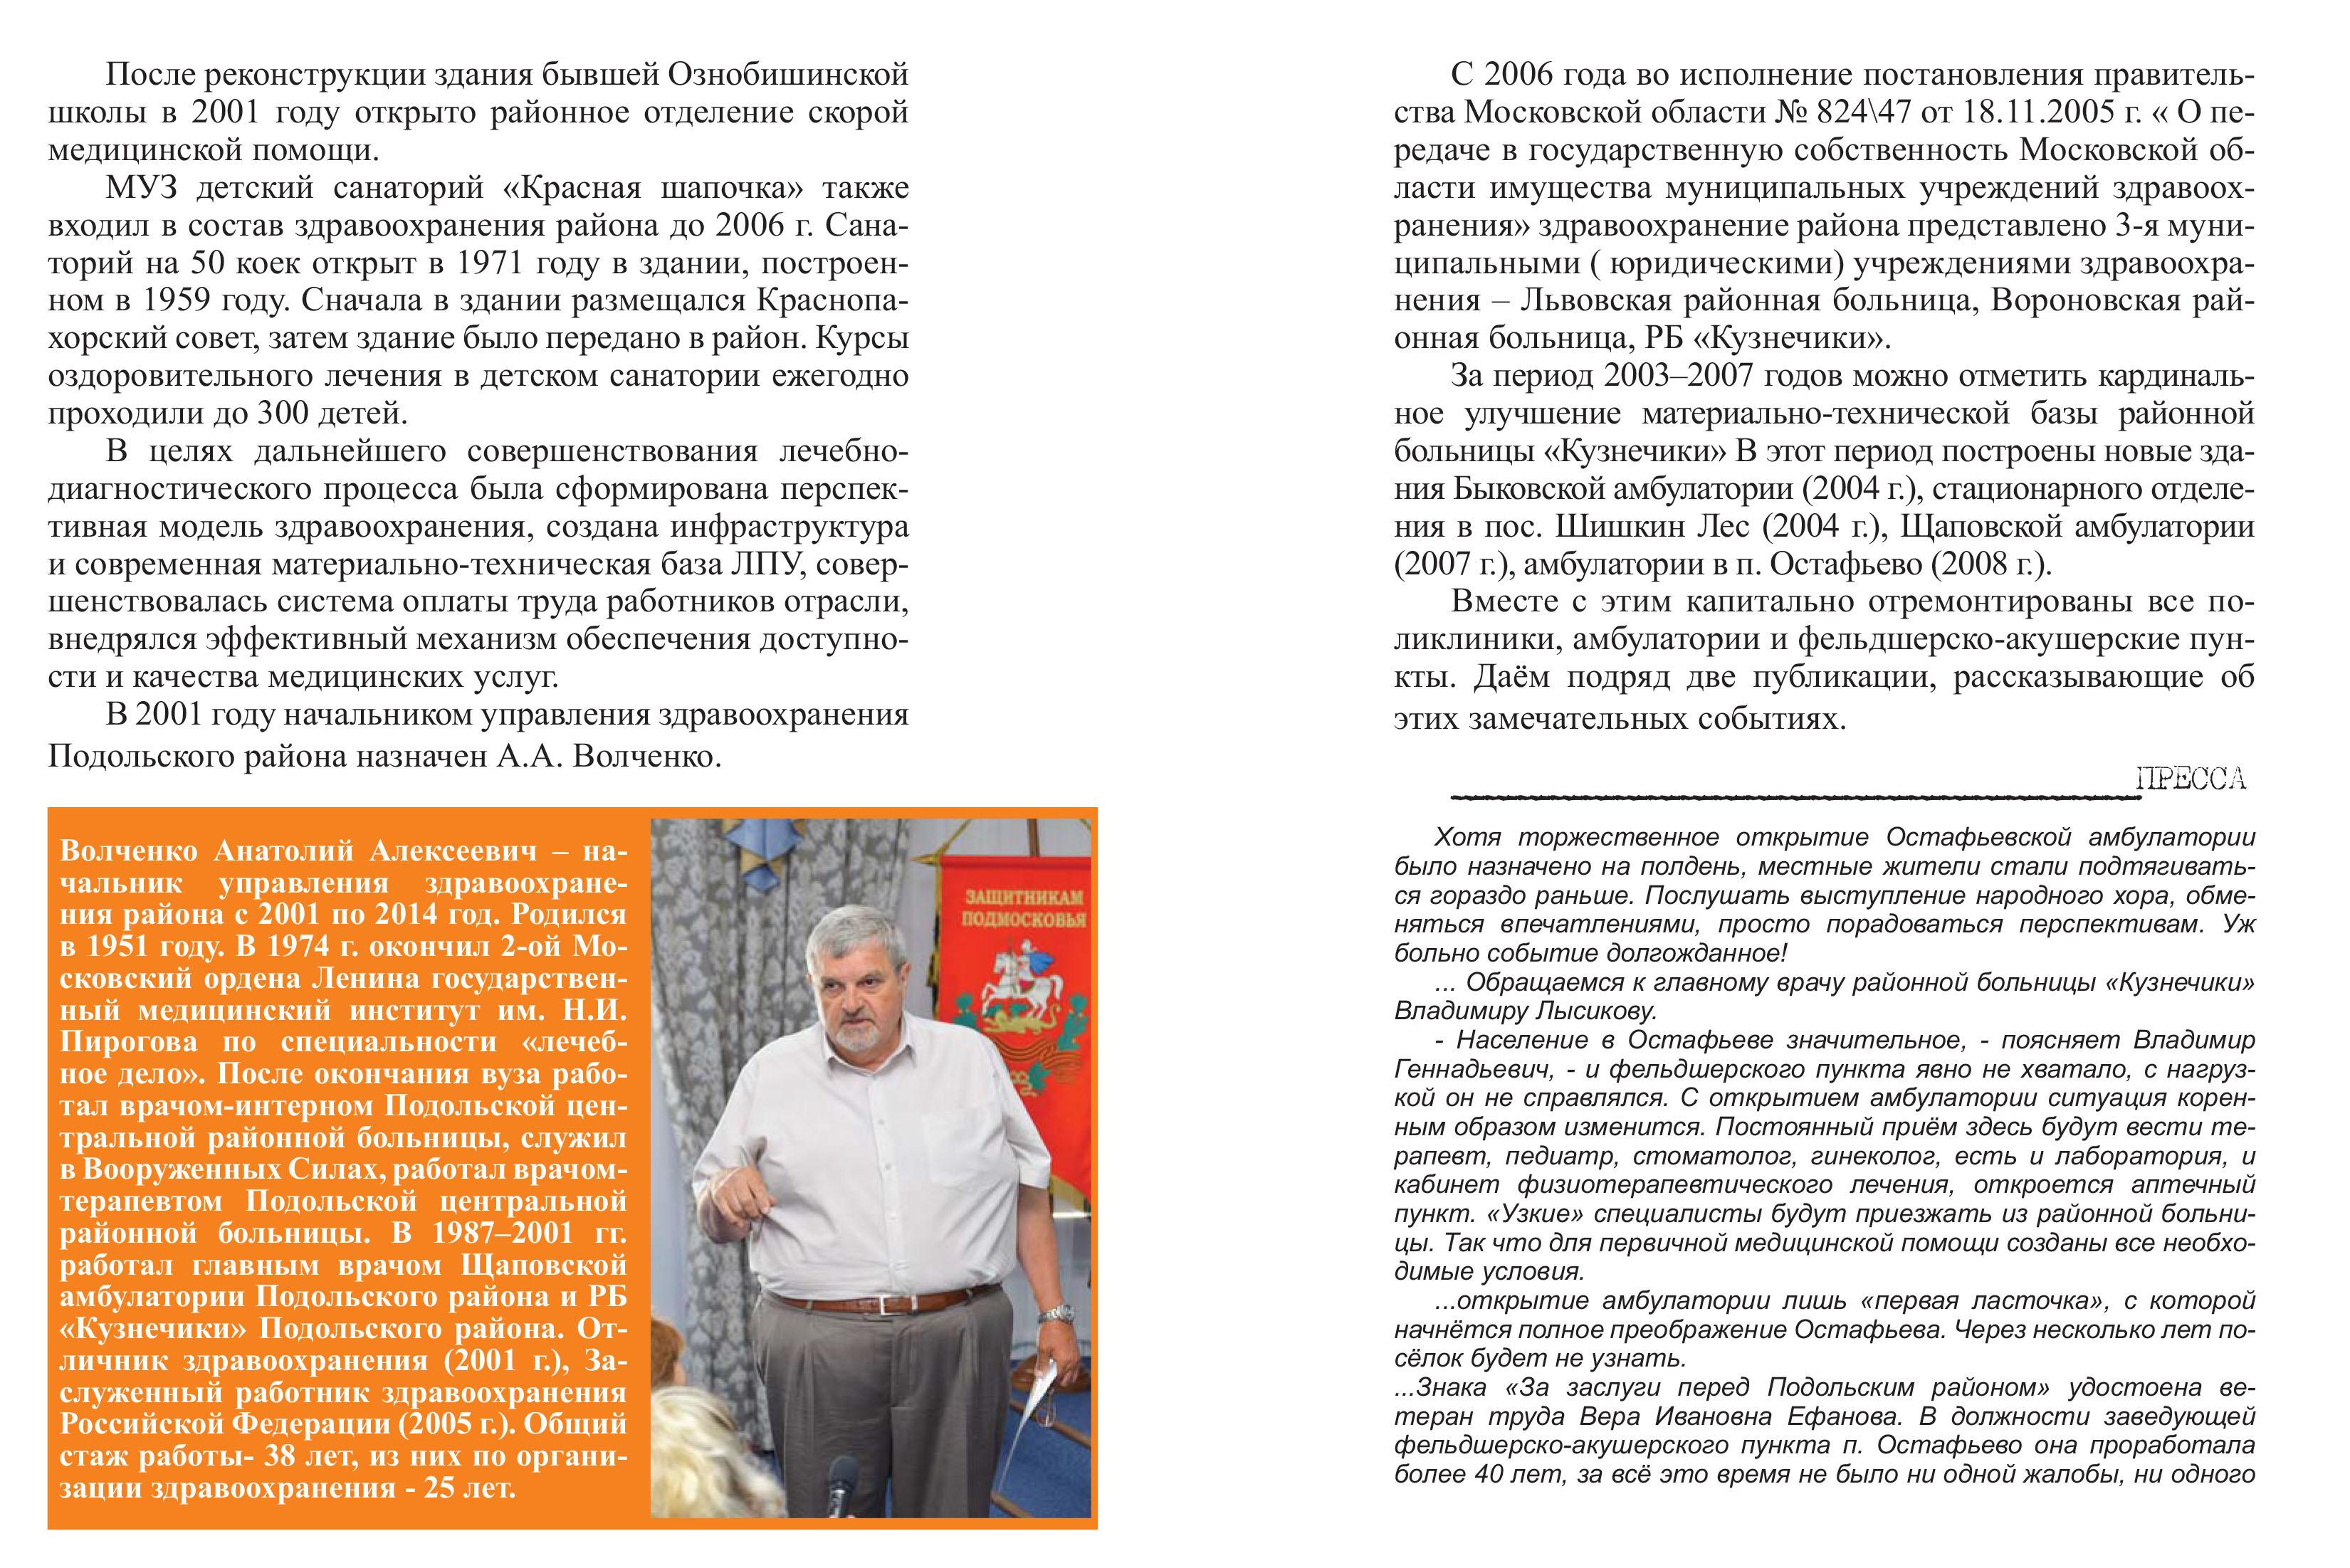 Развитие сферы здравоохранения в Подольском районе